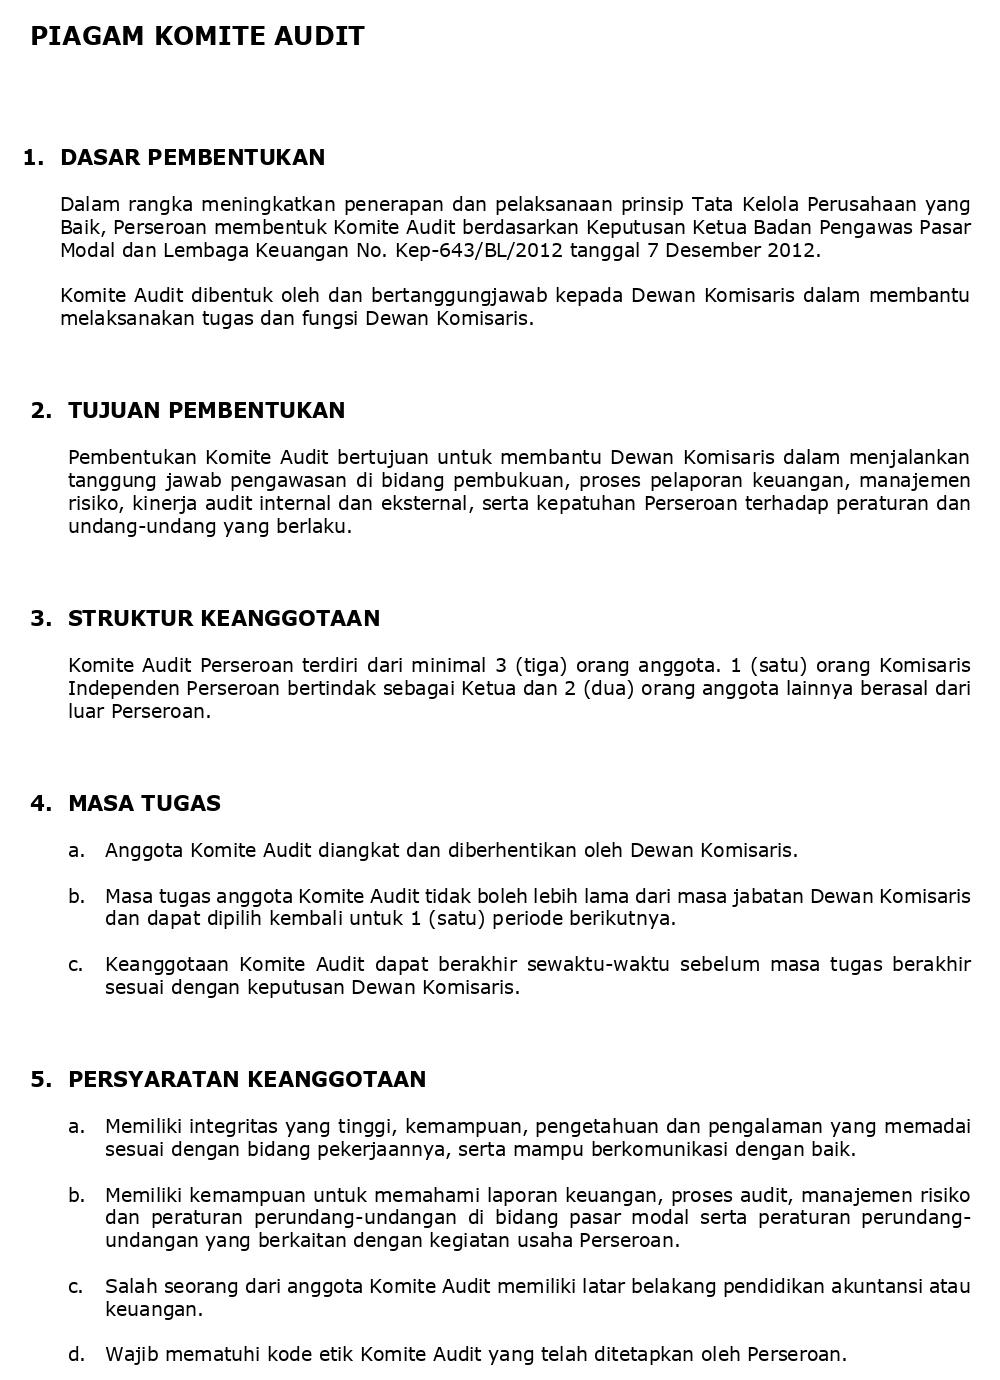 Pedoman Kerja Komite Audit_page-0001